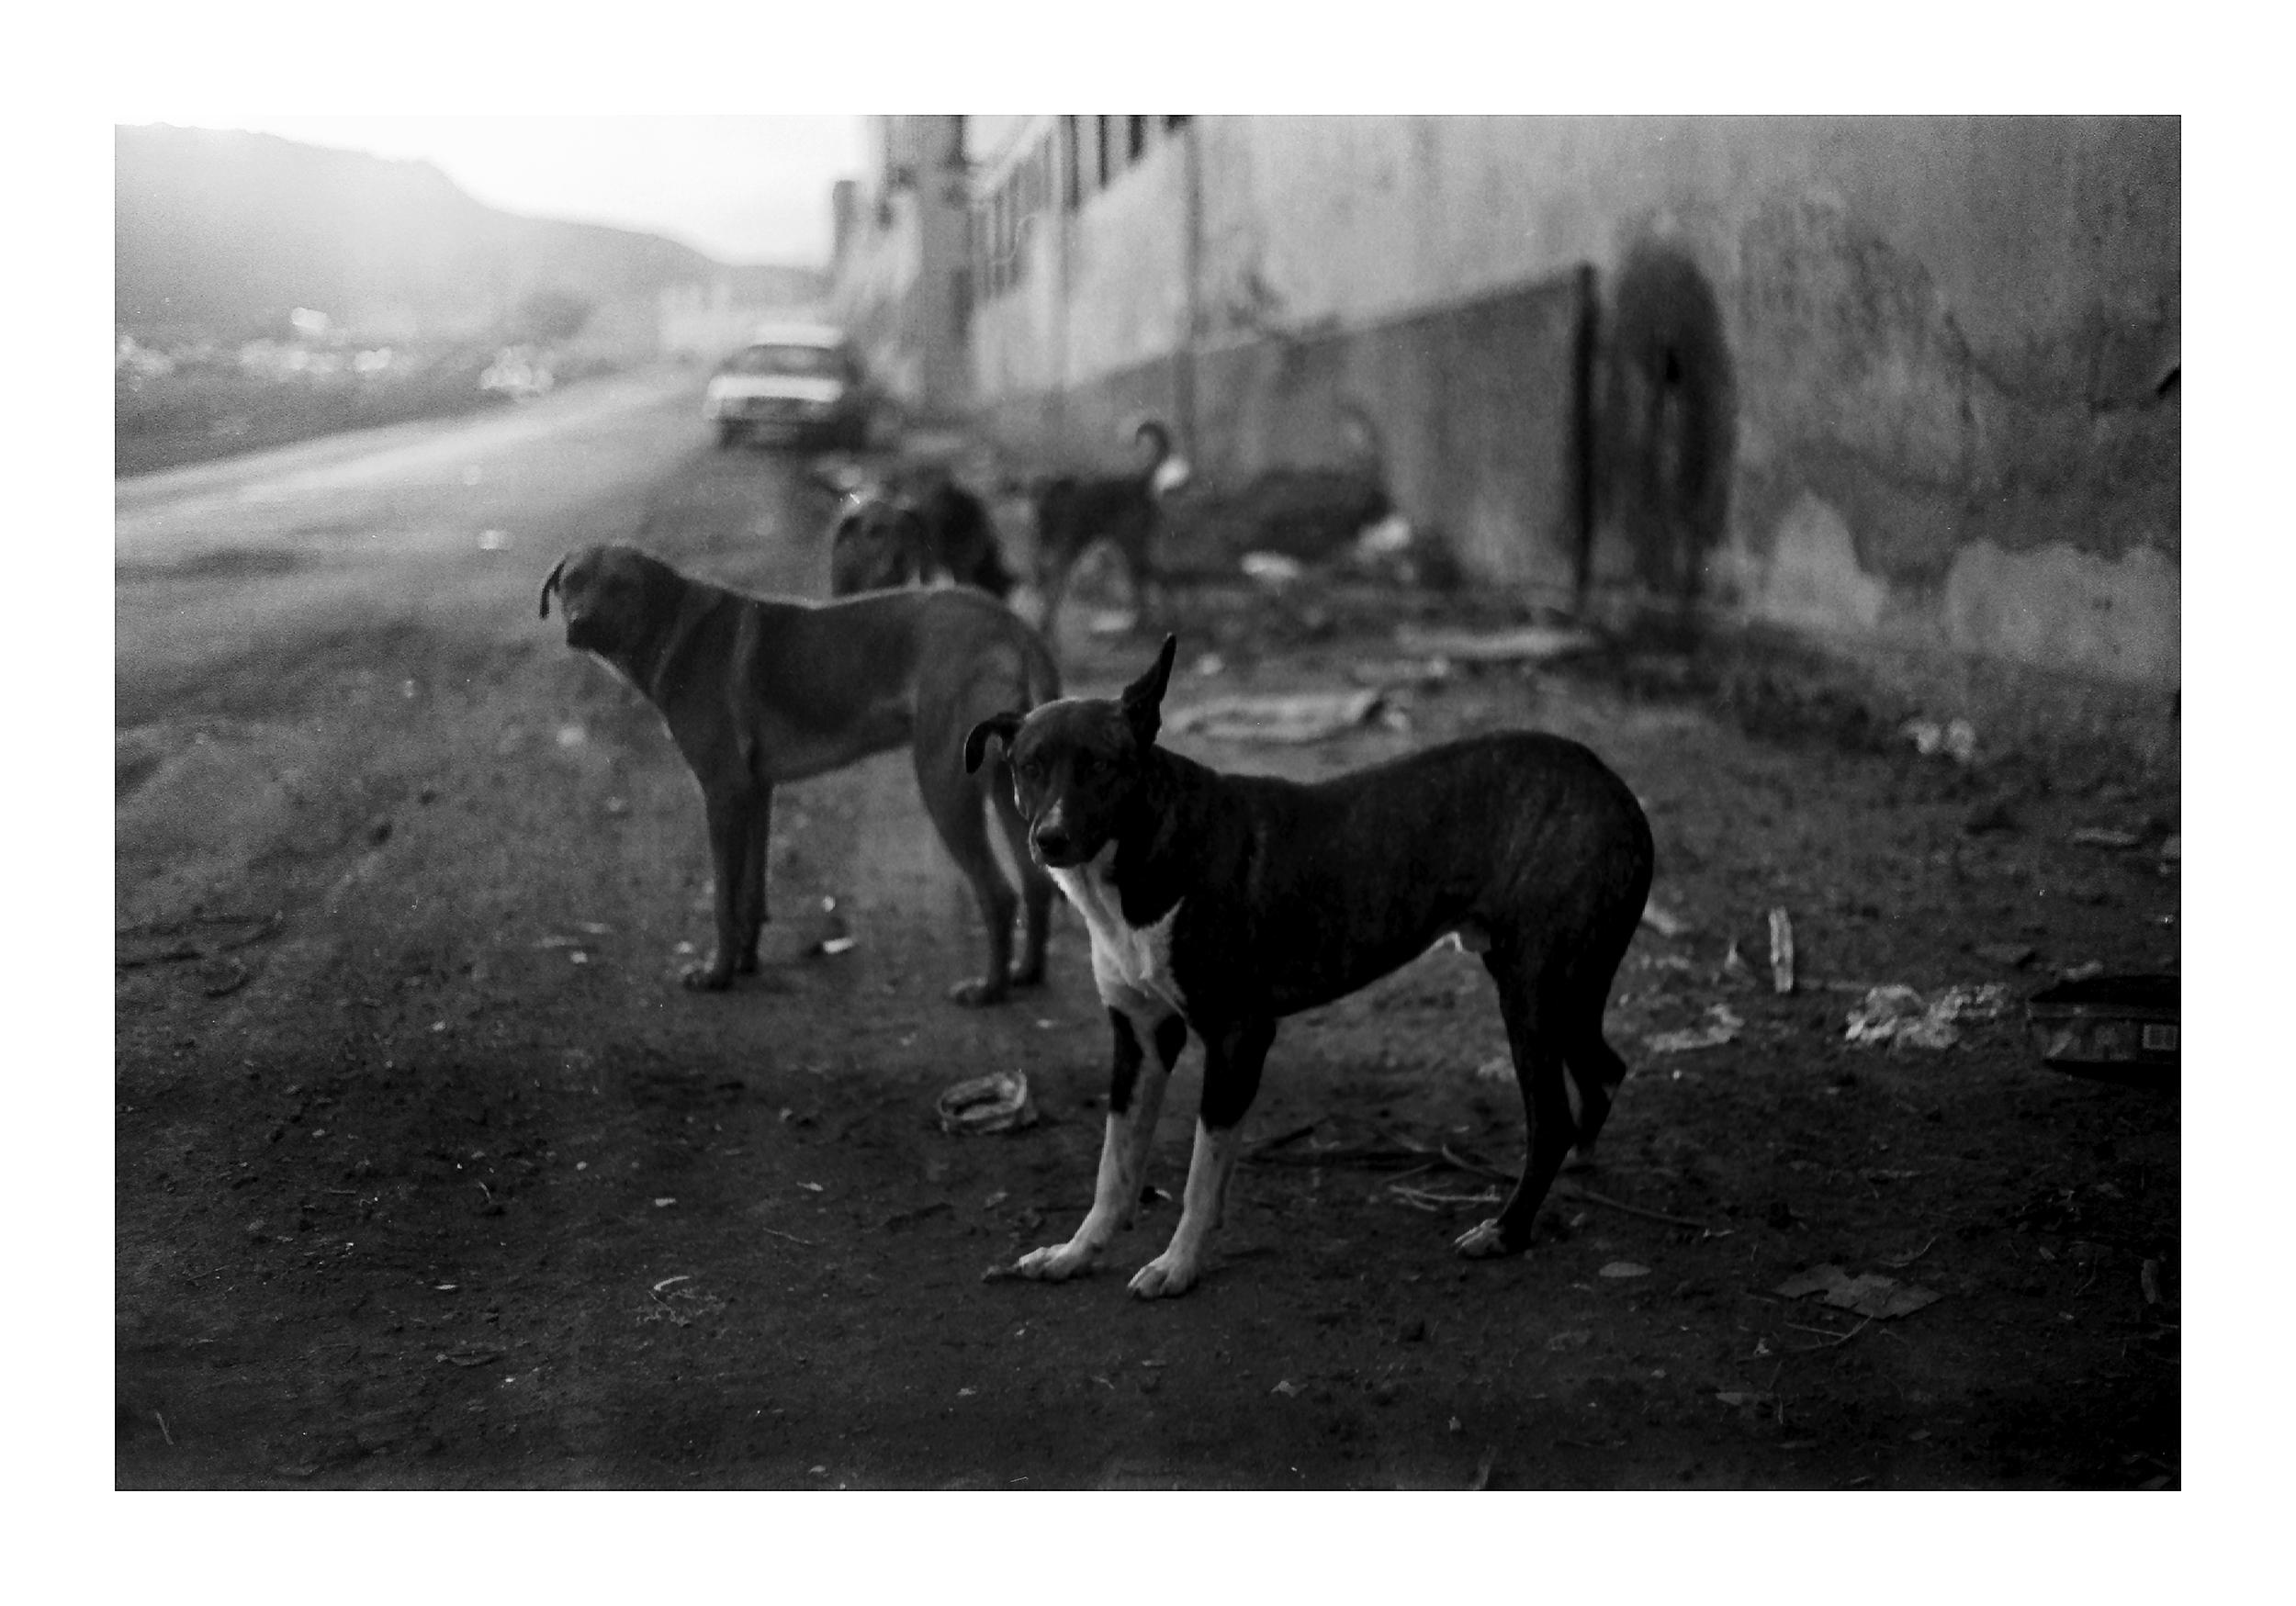 TEA inaugura un encuentro con artistas de la Colección del Centro de Fotografía